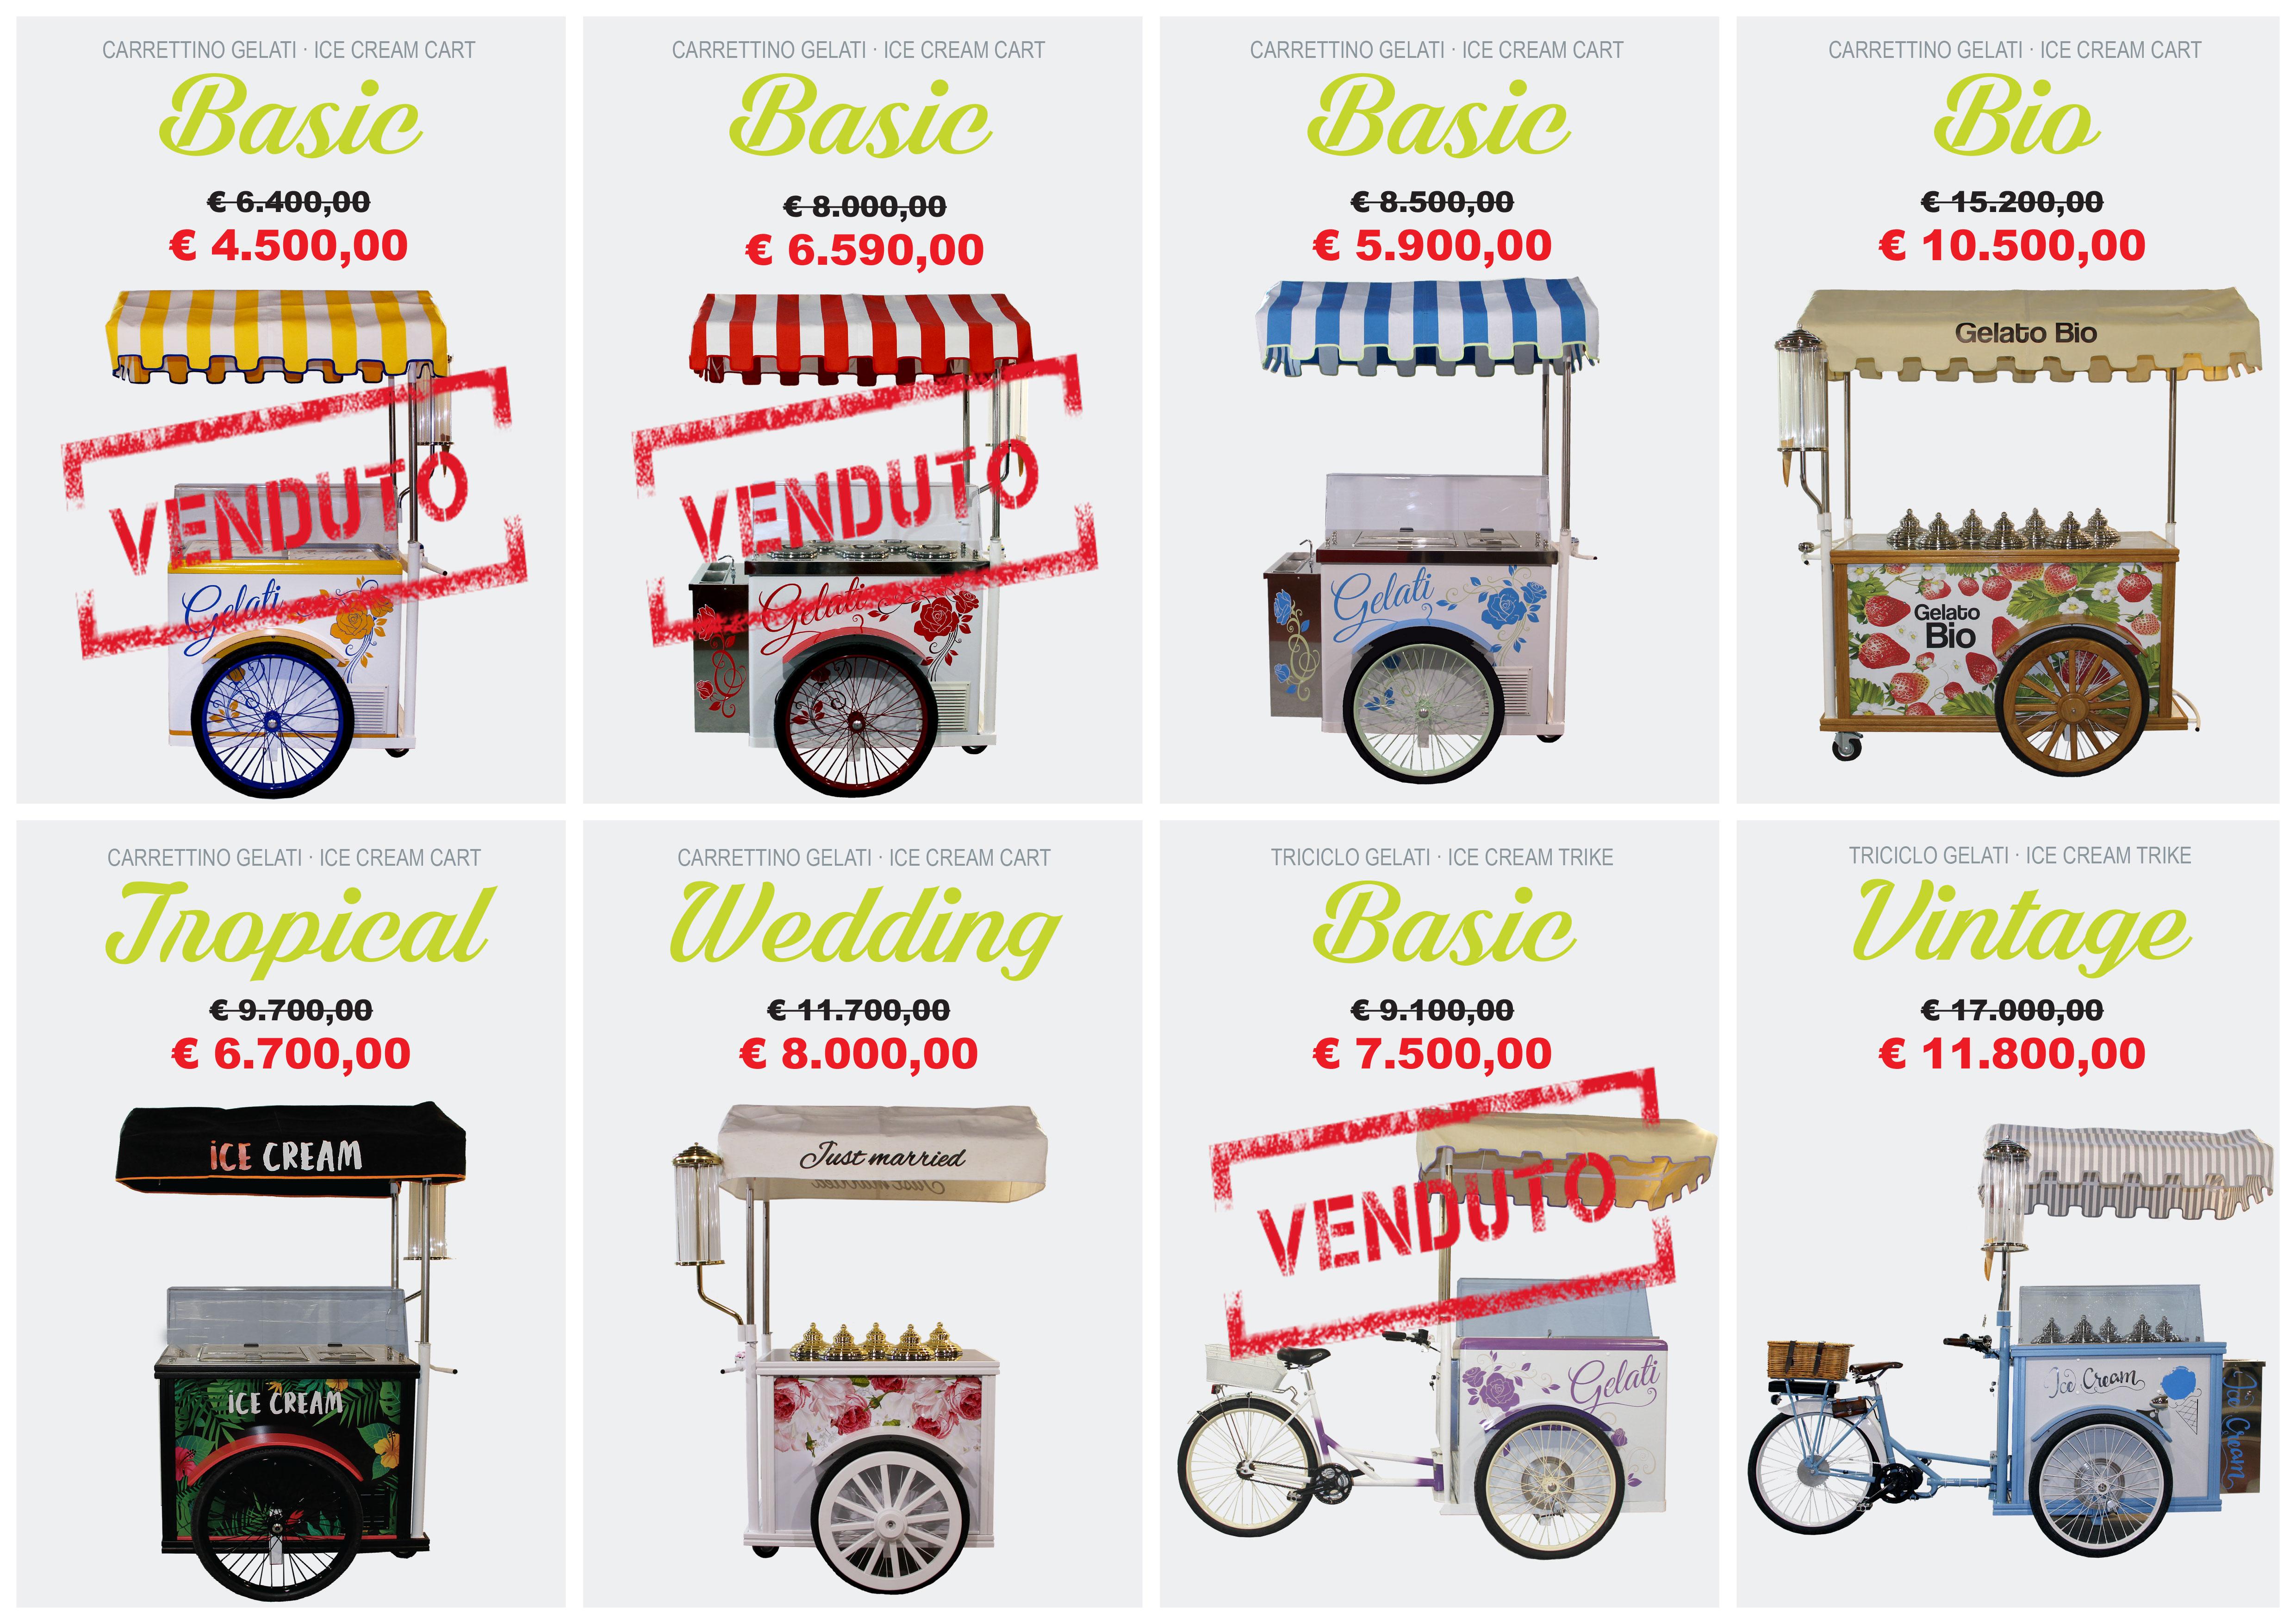 ultime occasioni vendita ambulante gelato